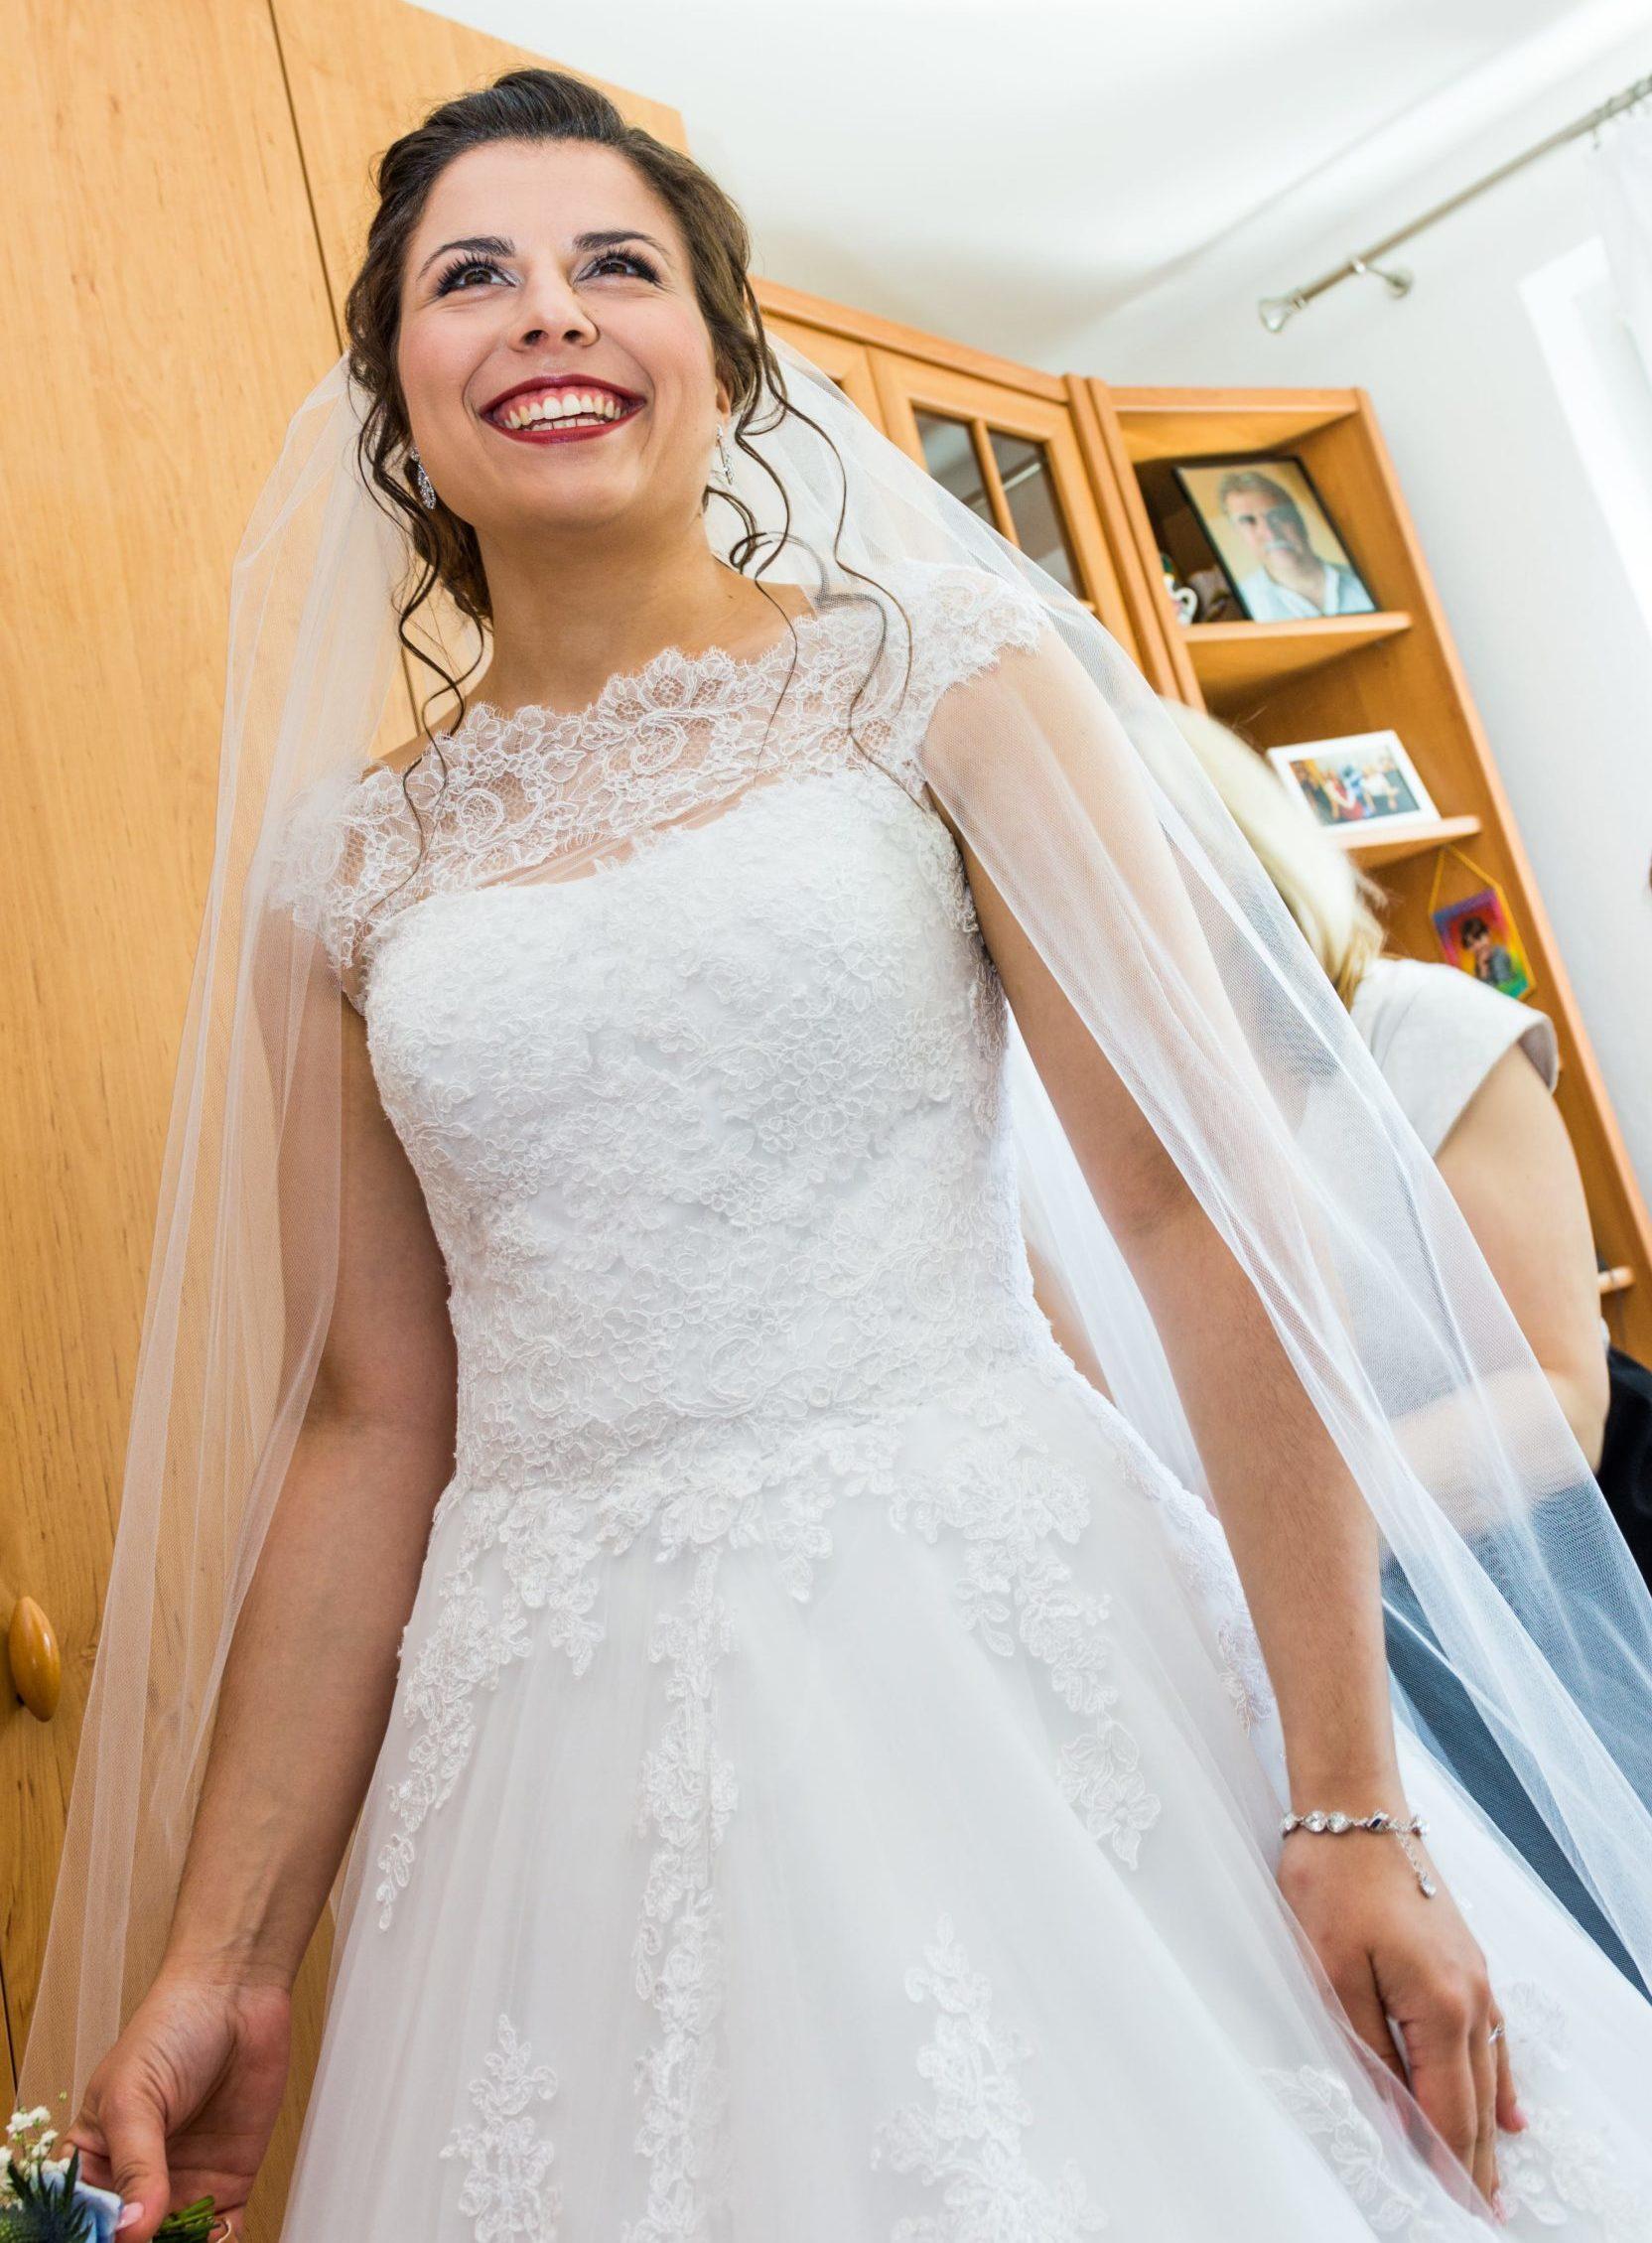 nevesta, prípravy, svadobné šaty